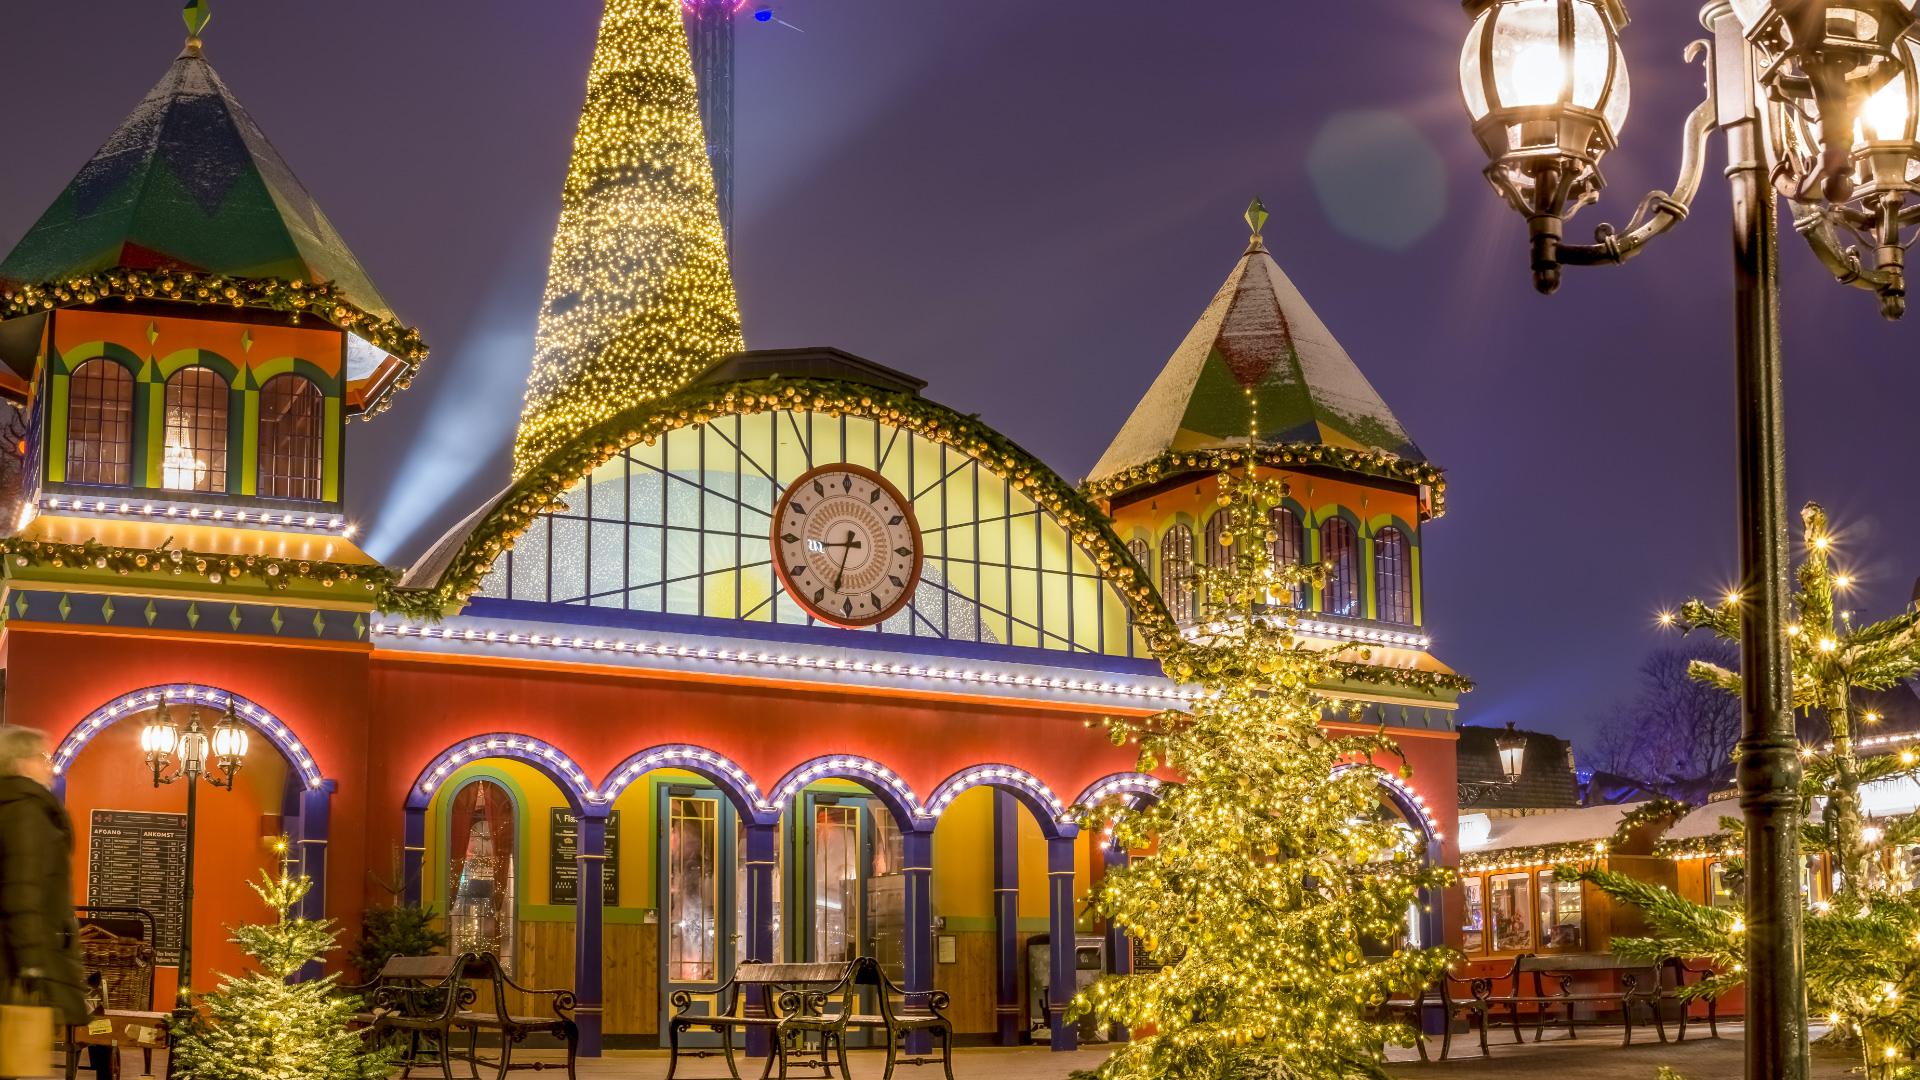 Danimarka'nın Başkenti Kopenhag'da Noel Zamanı!